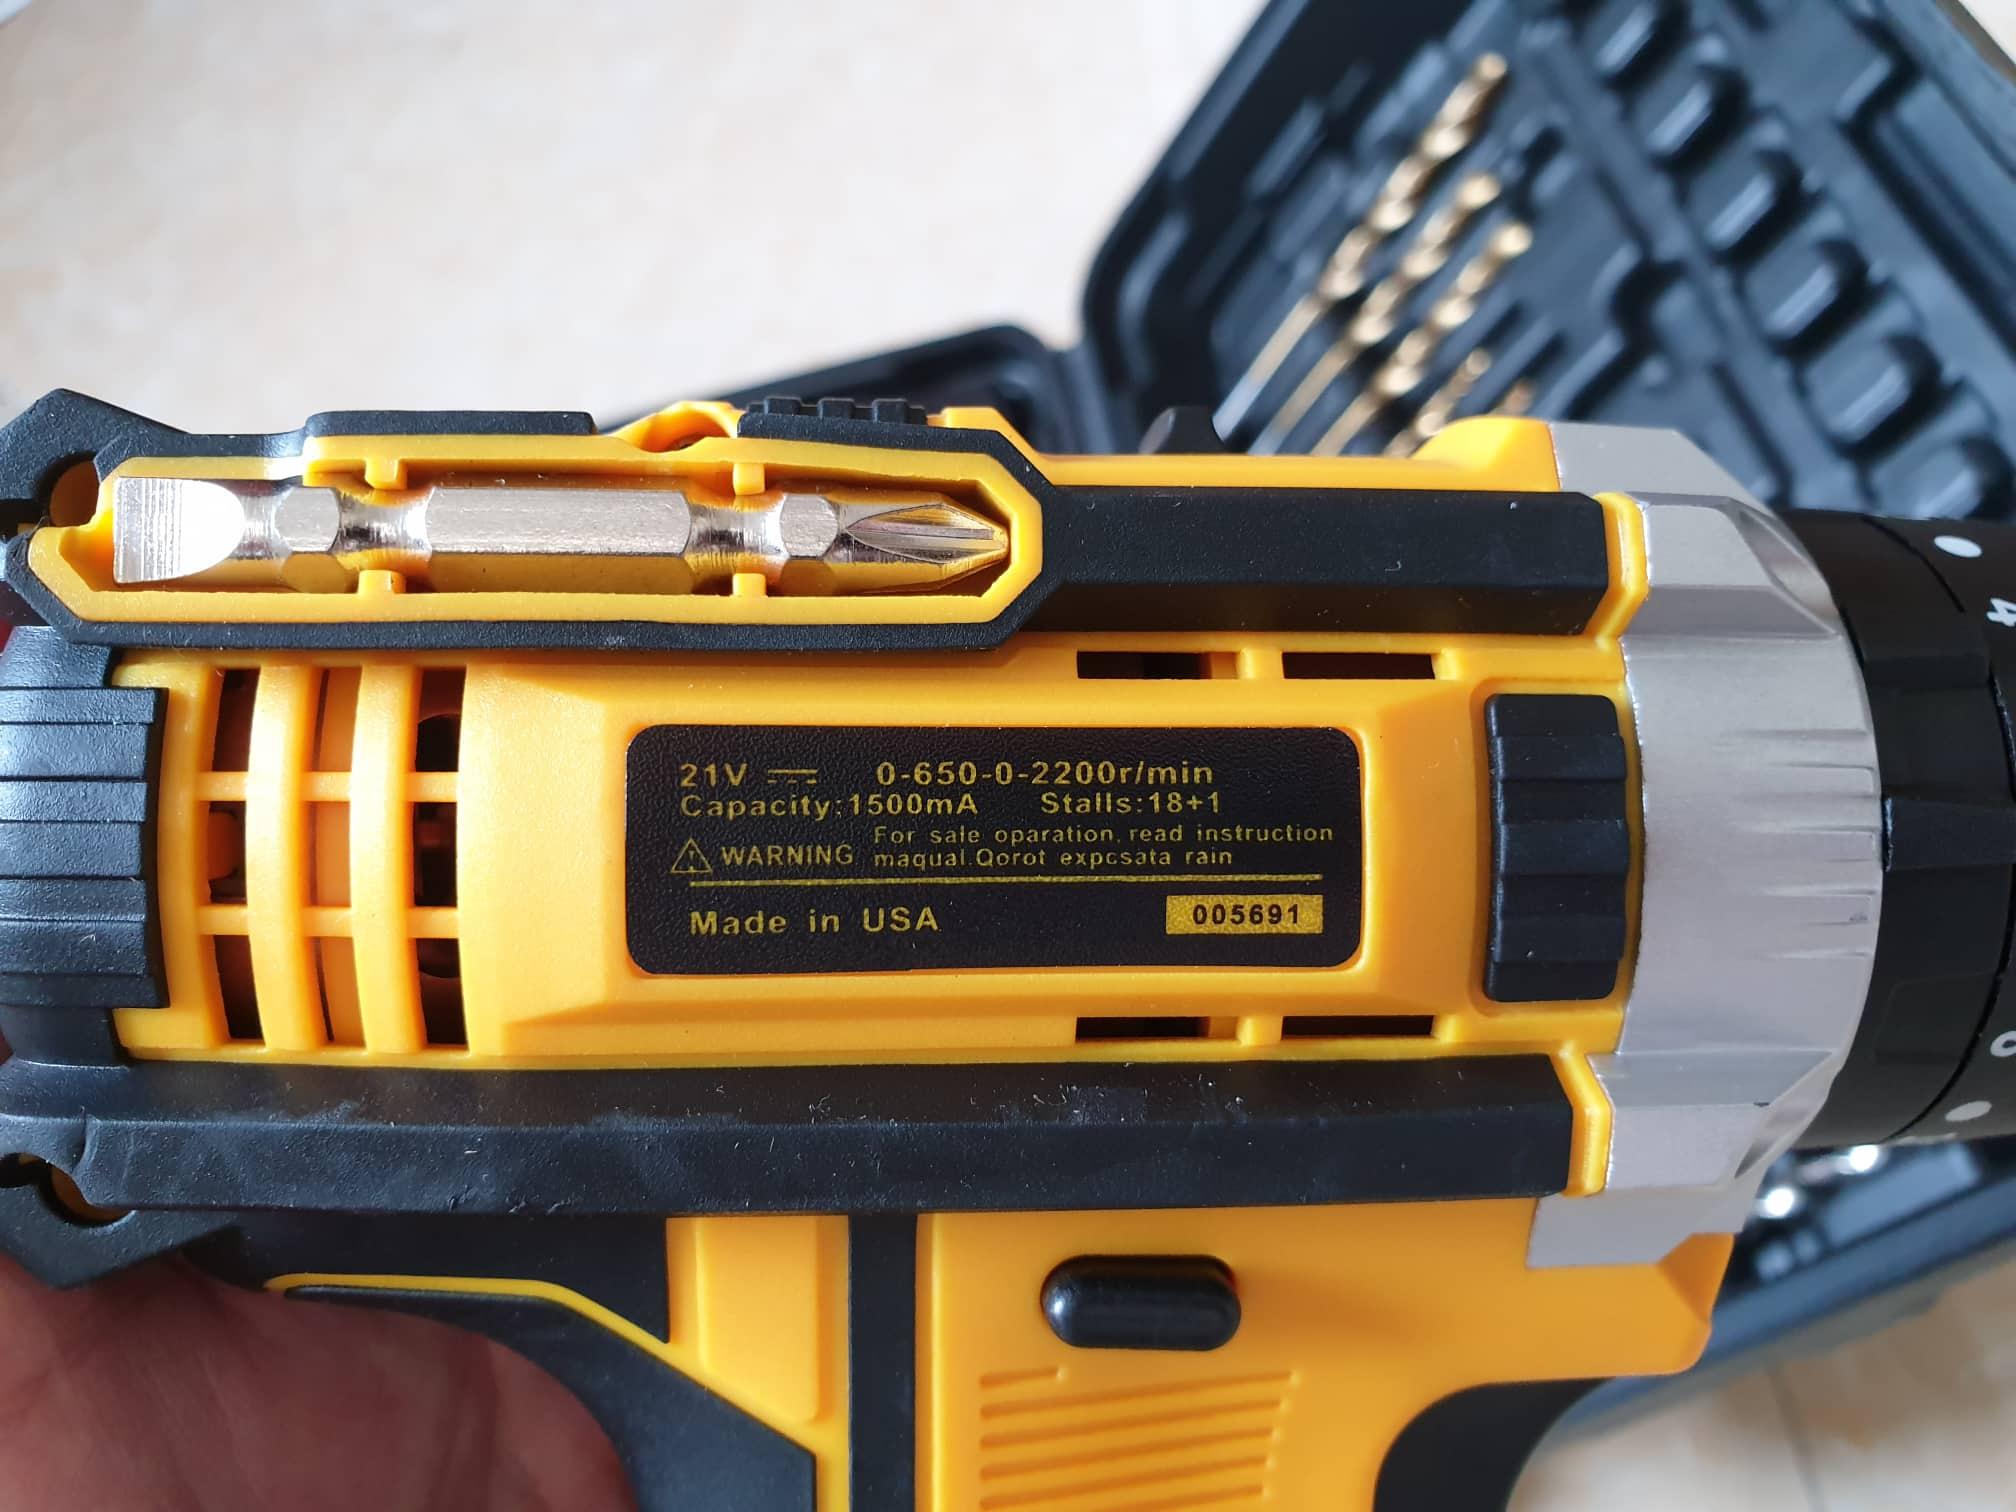 Bộ máy khoan pin 21V khoan tường, khoan sắt, khoan bê tông máy 2 pin, đảo chiều và mũi khoan